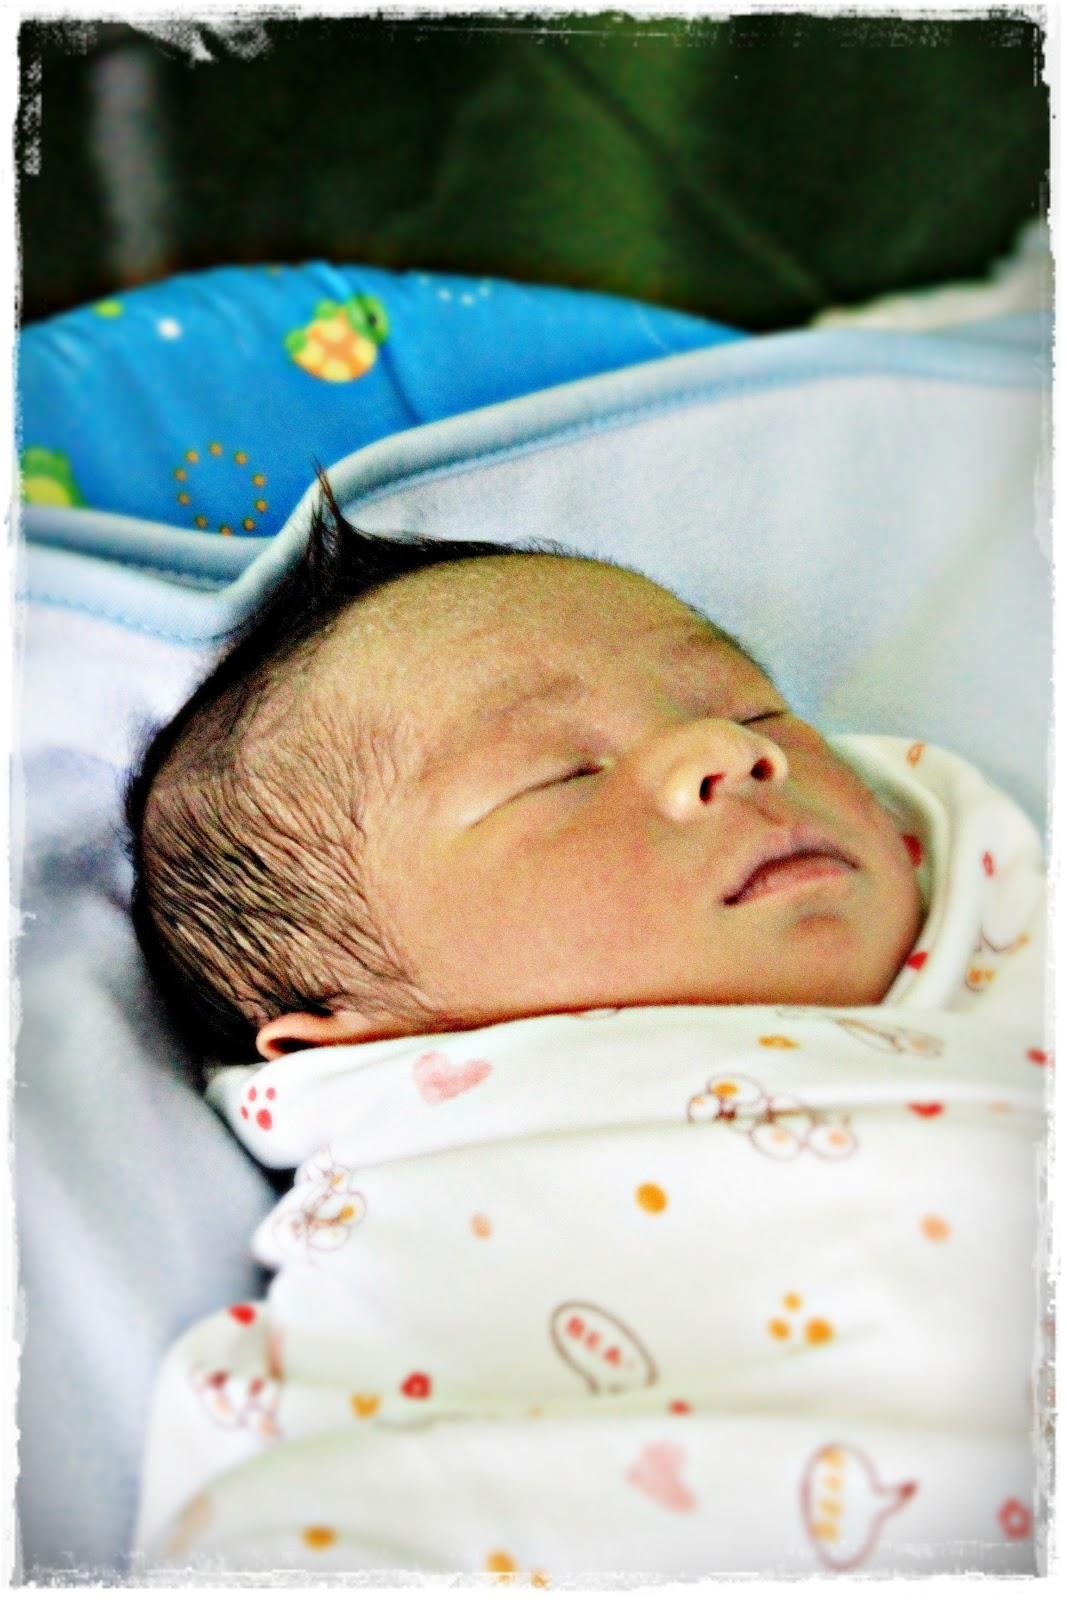 Kumpulan Foto-Foto Bayi Lucu Imut Cantik Ganteng ...